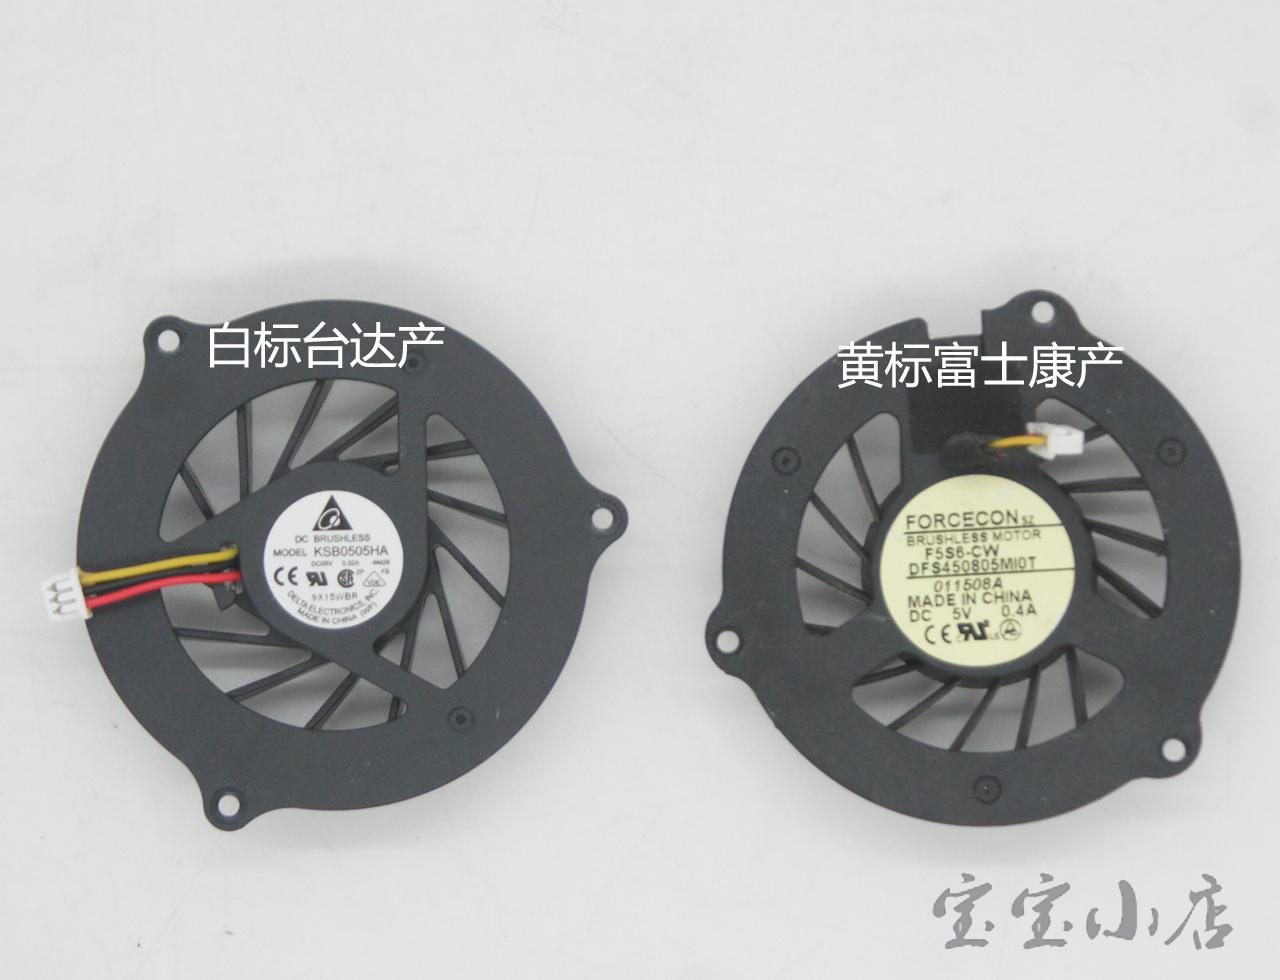 新到货200片 全新惠普DV2000 V3700 V3500 V3600 DV2500 V3000散热模组 风扇 集成 铜管